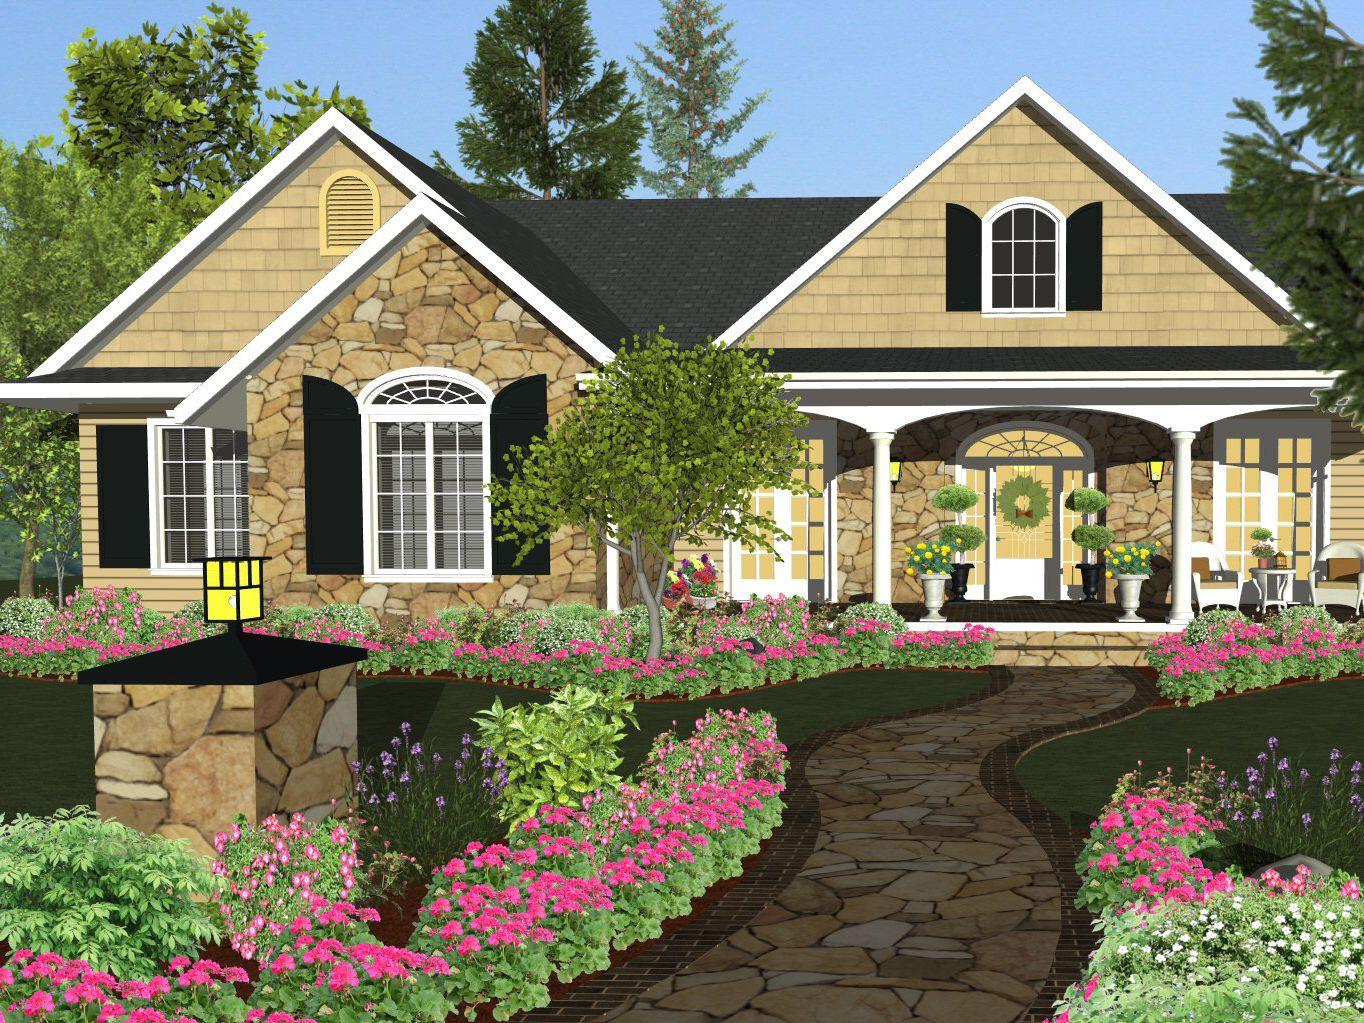 Home Design Software Program